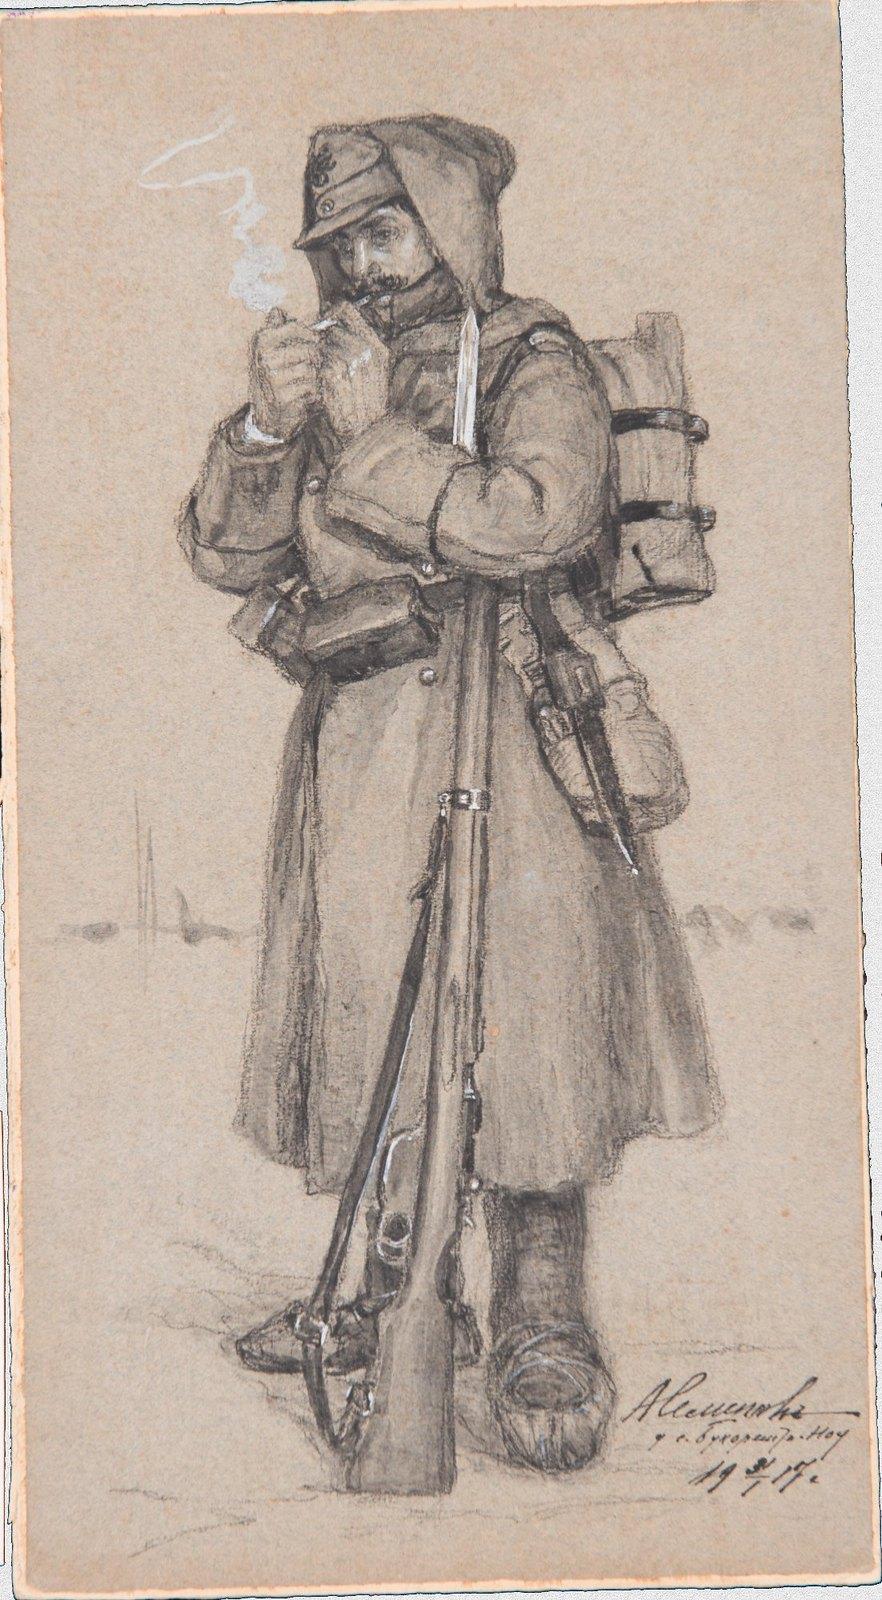 1917. Румынский солдат в походном снаряжении